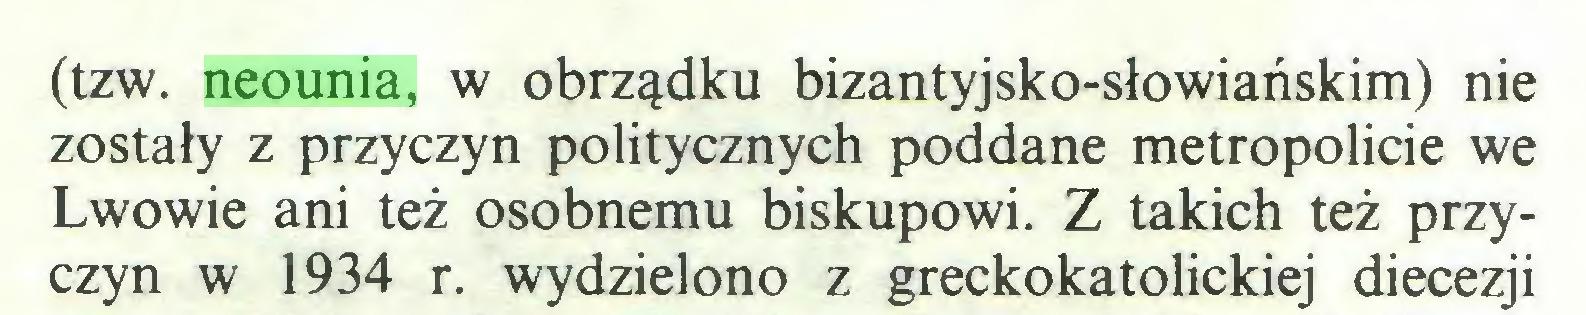 (...) (tzw. neounia, w obrządku bizantyjsko-słowiańskim) nie zostały z przyczyn politycznych poddane metropolicie we Lwowie ani też osobnemu biskupowi. Z takich też przyczyn w 1934 r. wydzielono z greckokatolickiej diecezji...